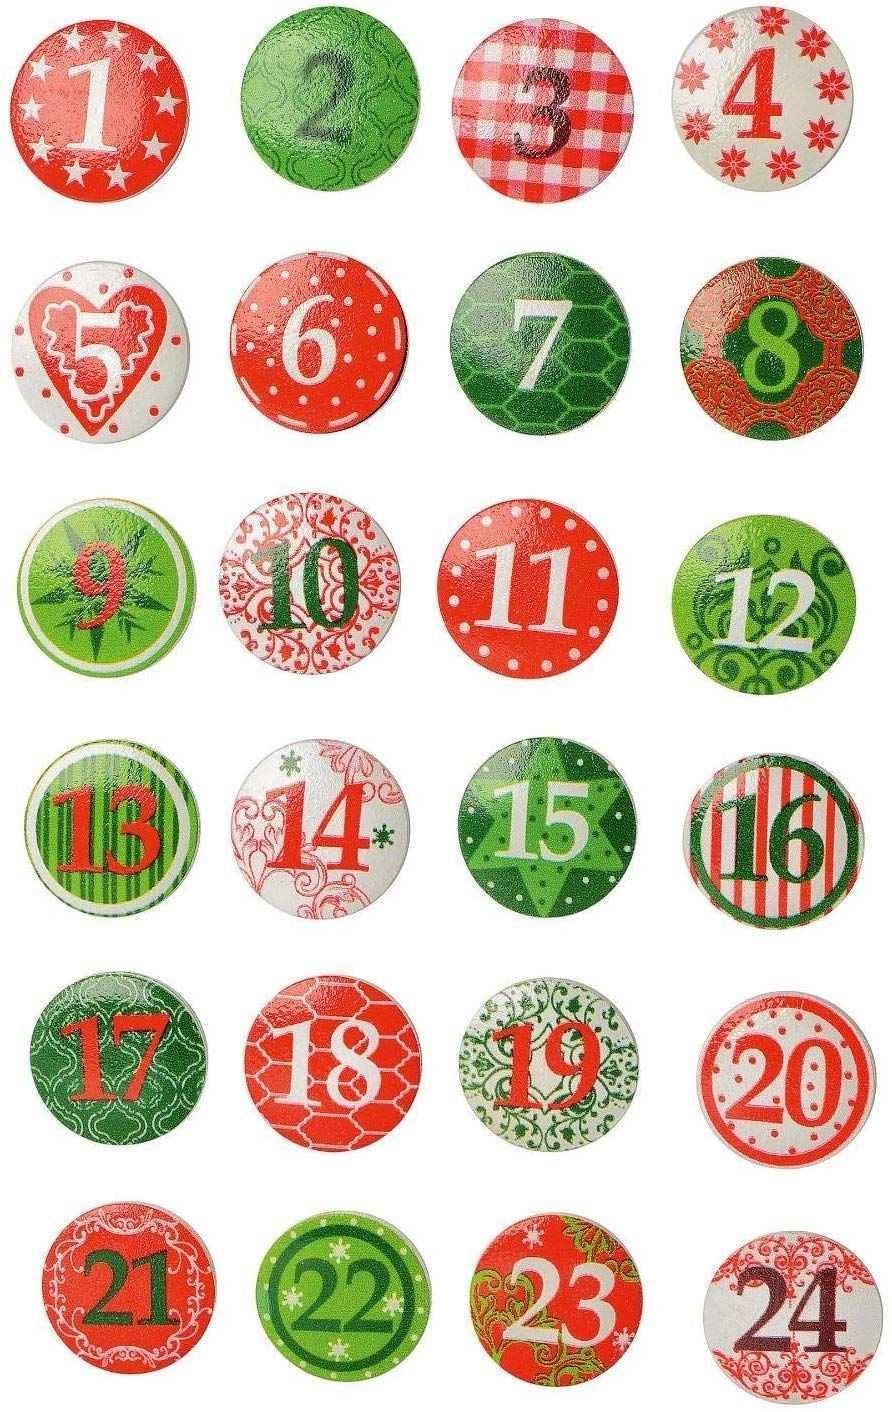 Vbs 24 Adventszahlen Button Adventskalender Basteln Weihnachten Advent Amazon De S Advent Und Weihnachten Basteln Adventskalender Basteln Basteln Weihnachten